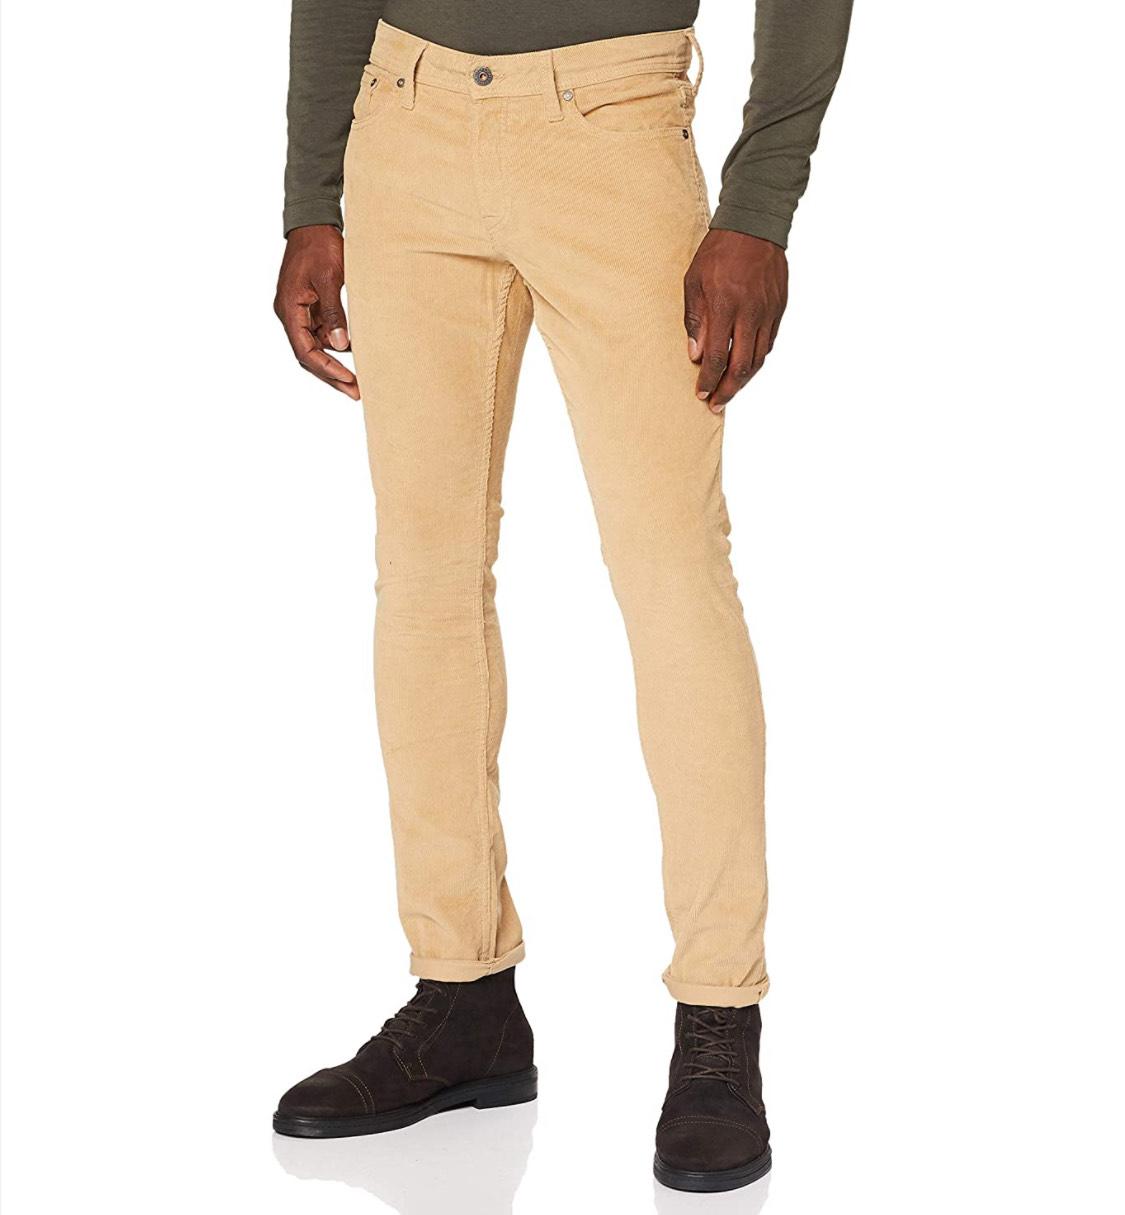 Pantalón pana Jack & Jones hombre talla 29W/34L (40 largo)